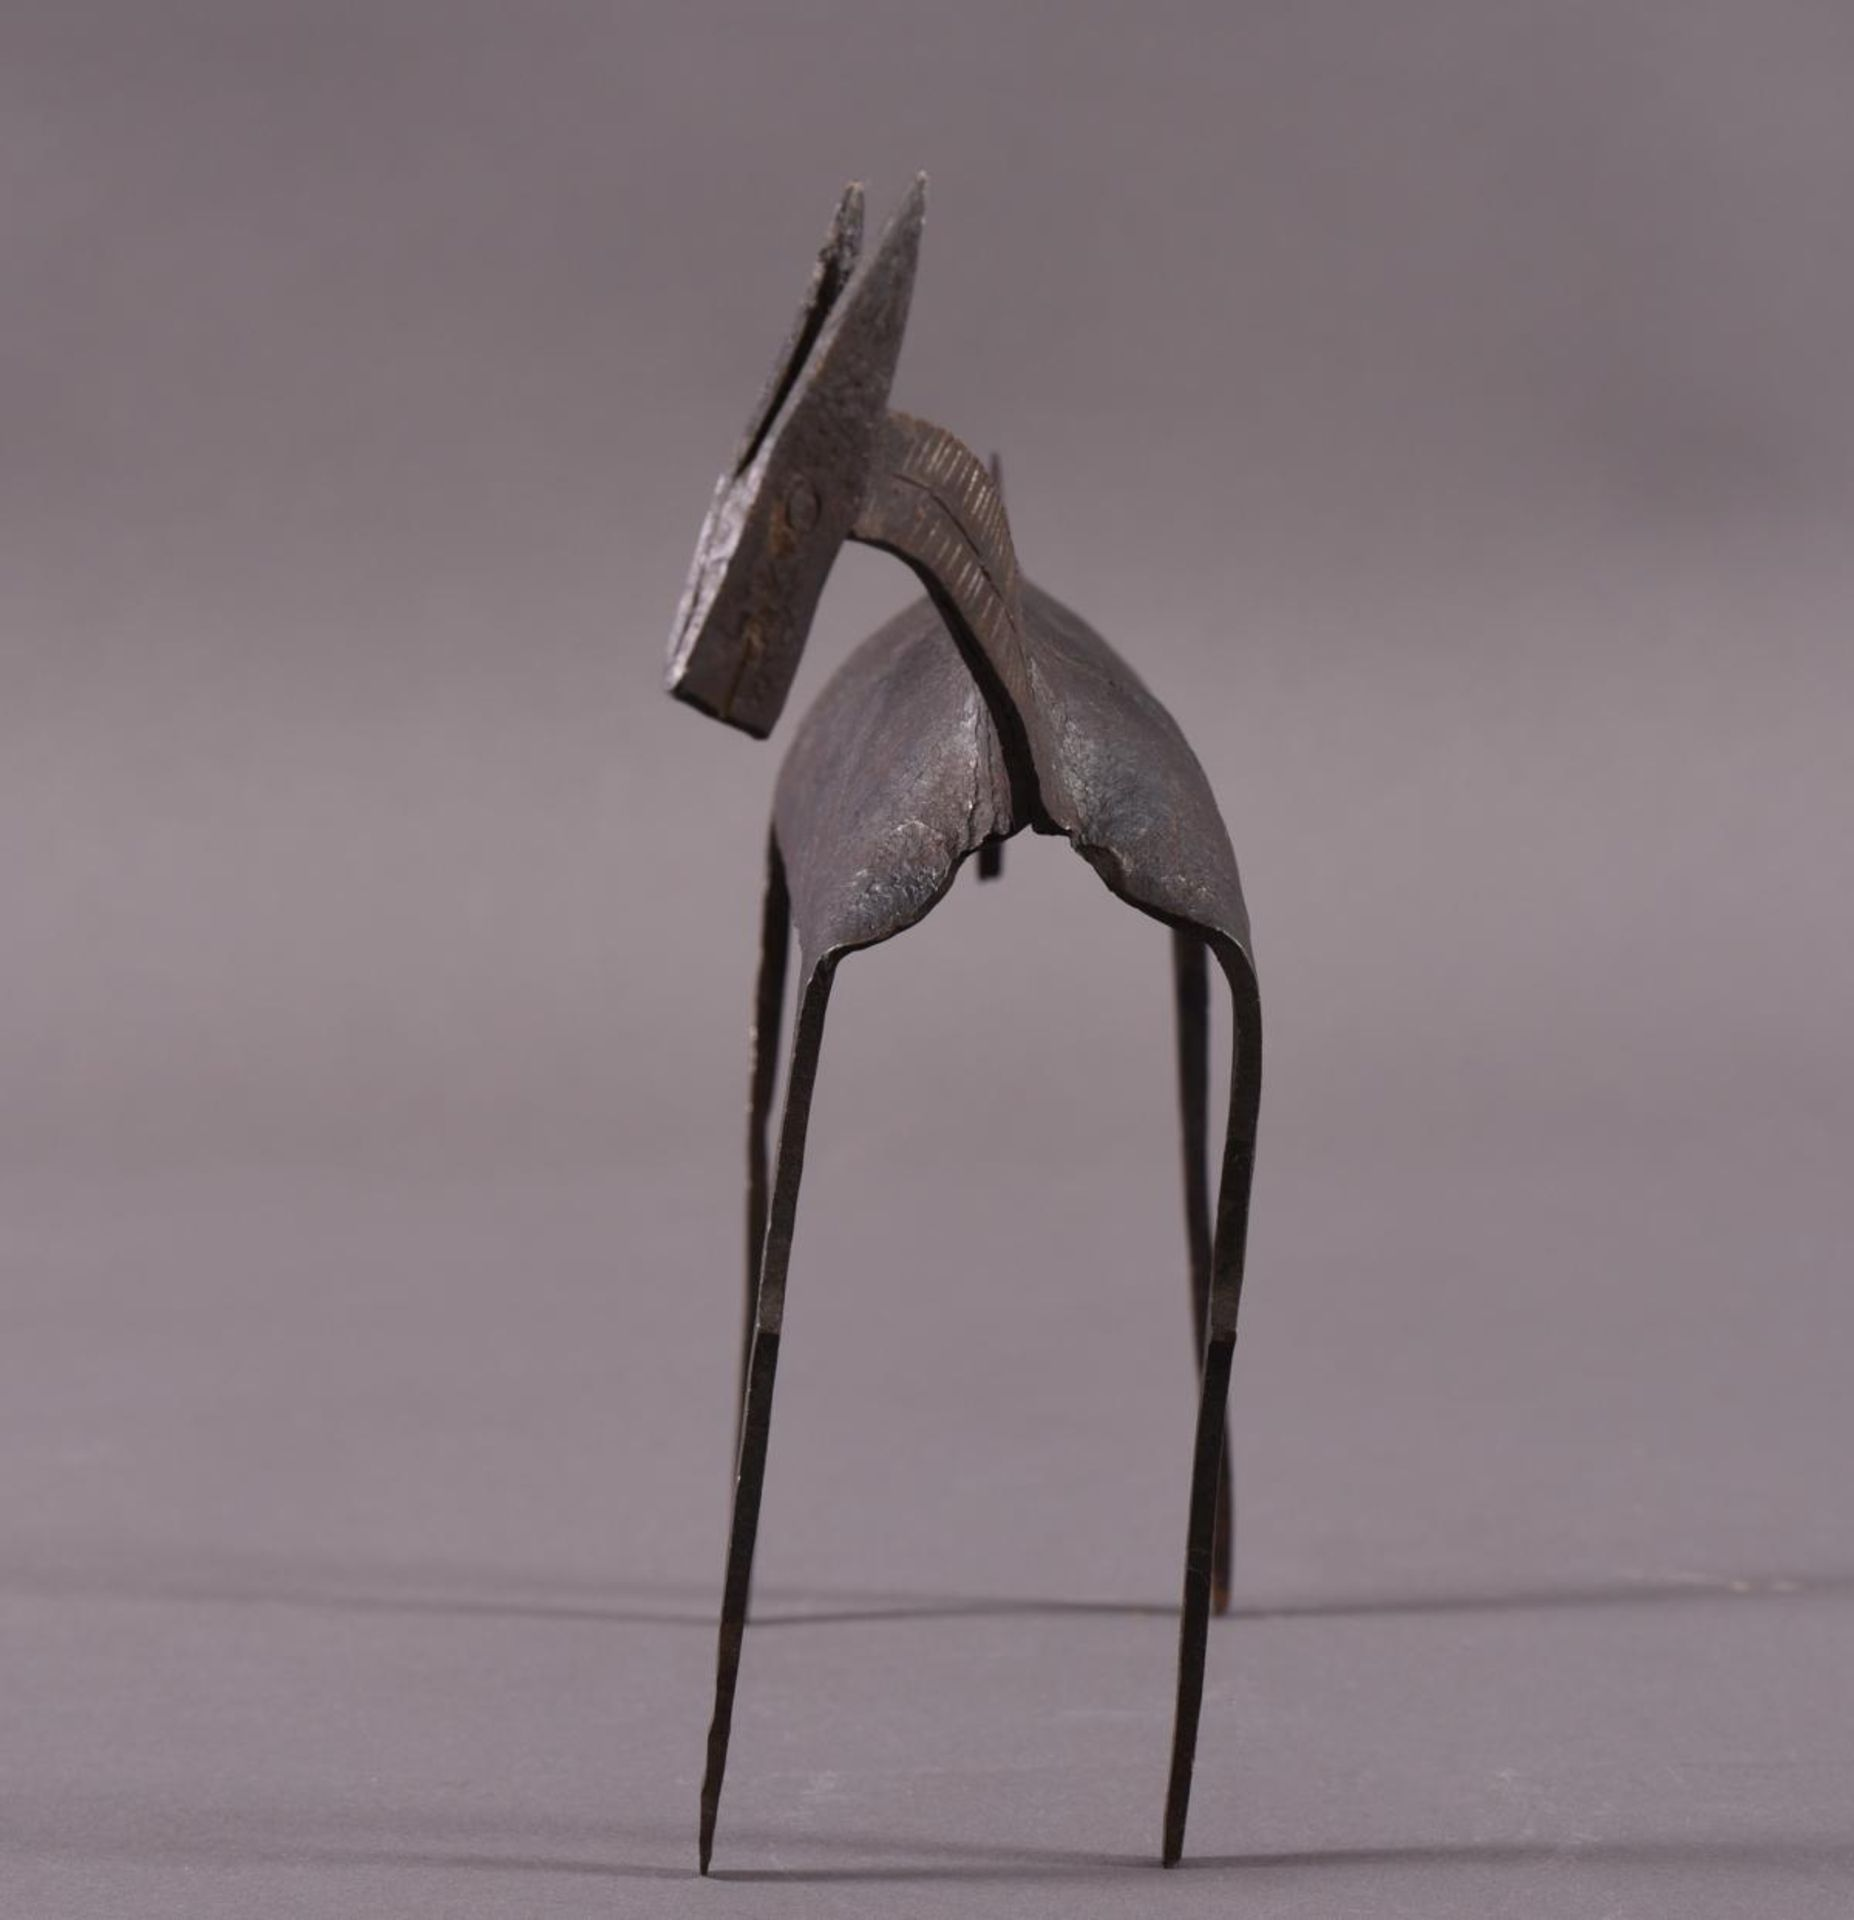 Eisenskulptur in Form einer Gazelle, unbekannter Künstler des 20. JahrhundertCa. 24,5 x 8 x 35 cm. - Bild 2 aus 6